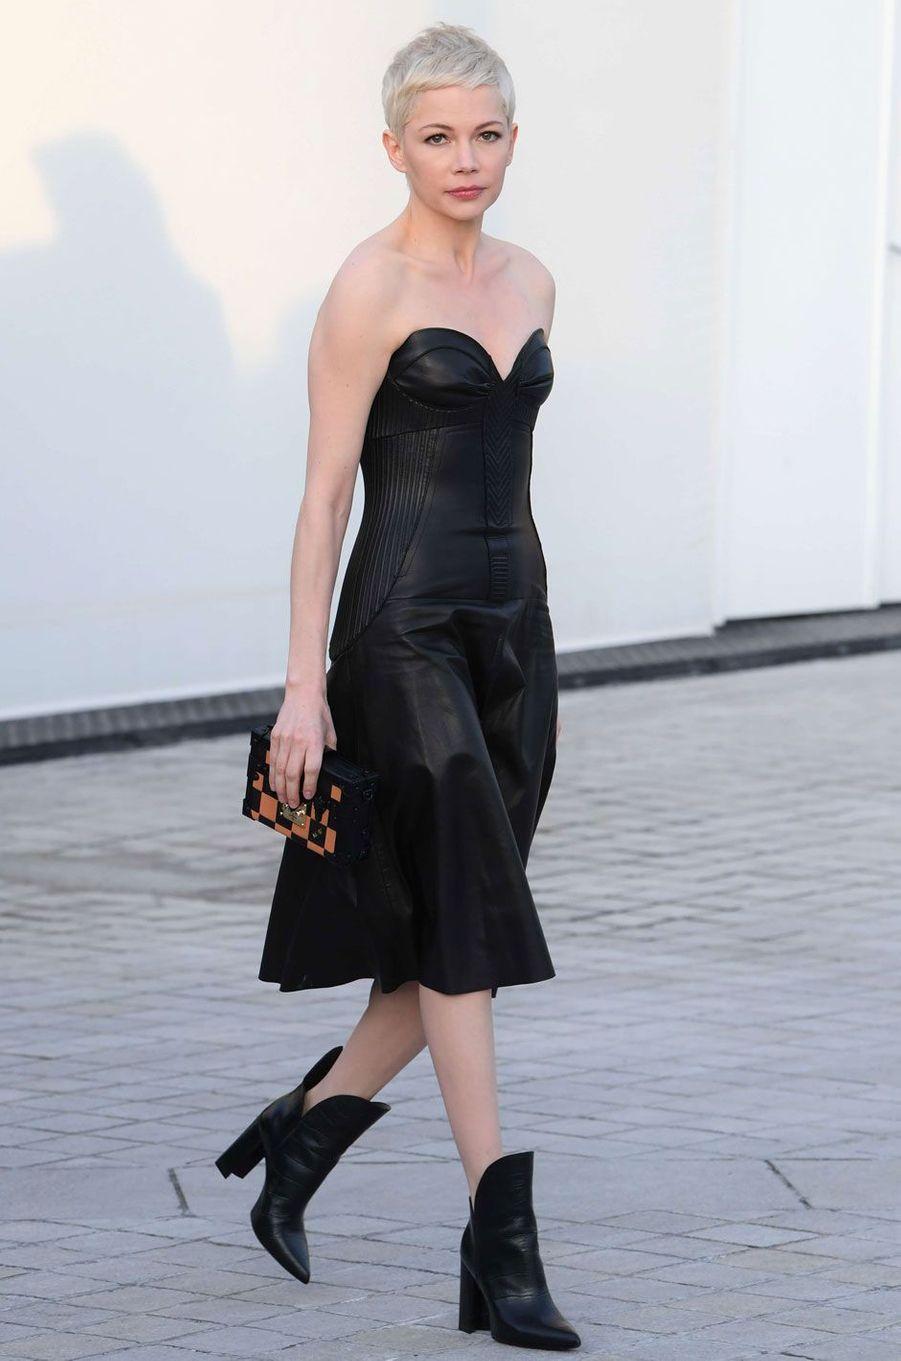 L'actrice Michelle Williams au défilé Louis Vuitton.